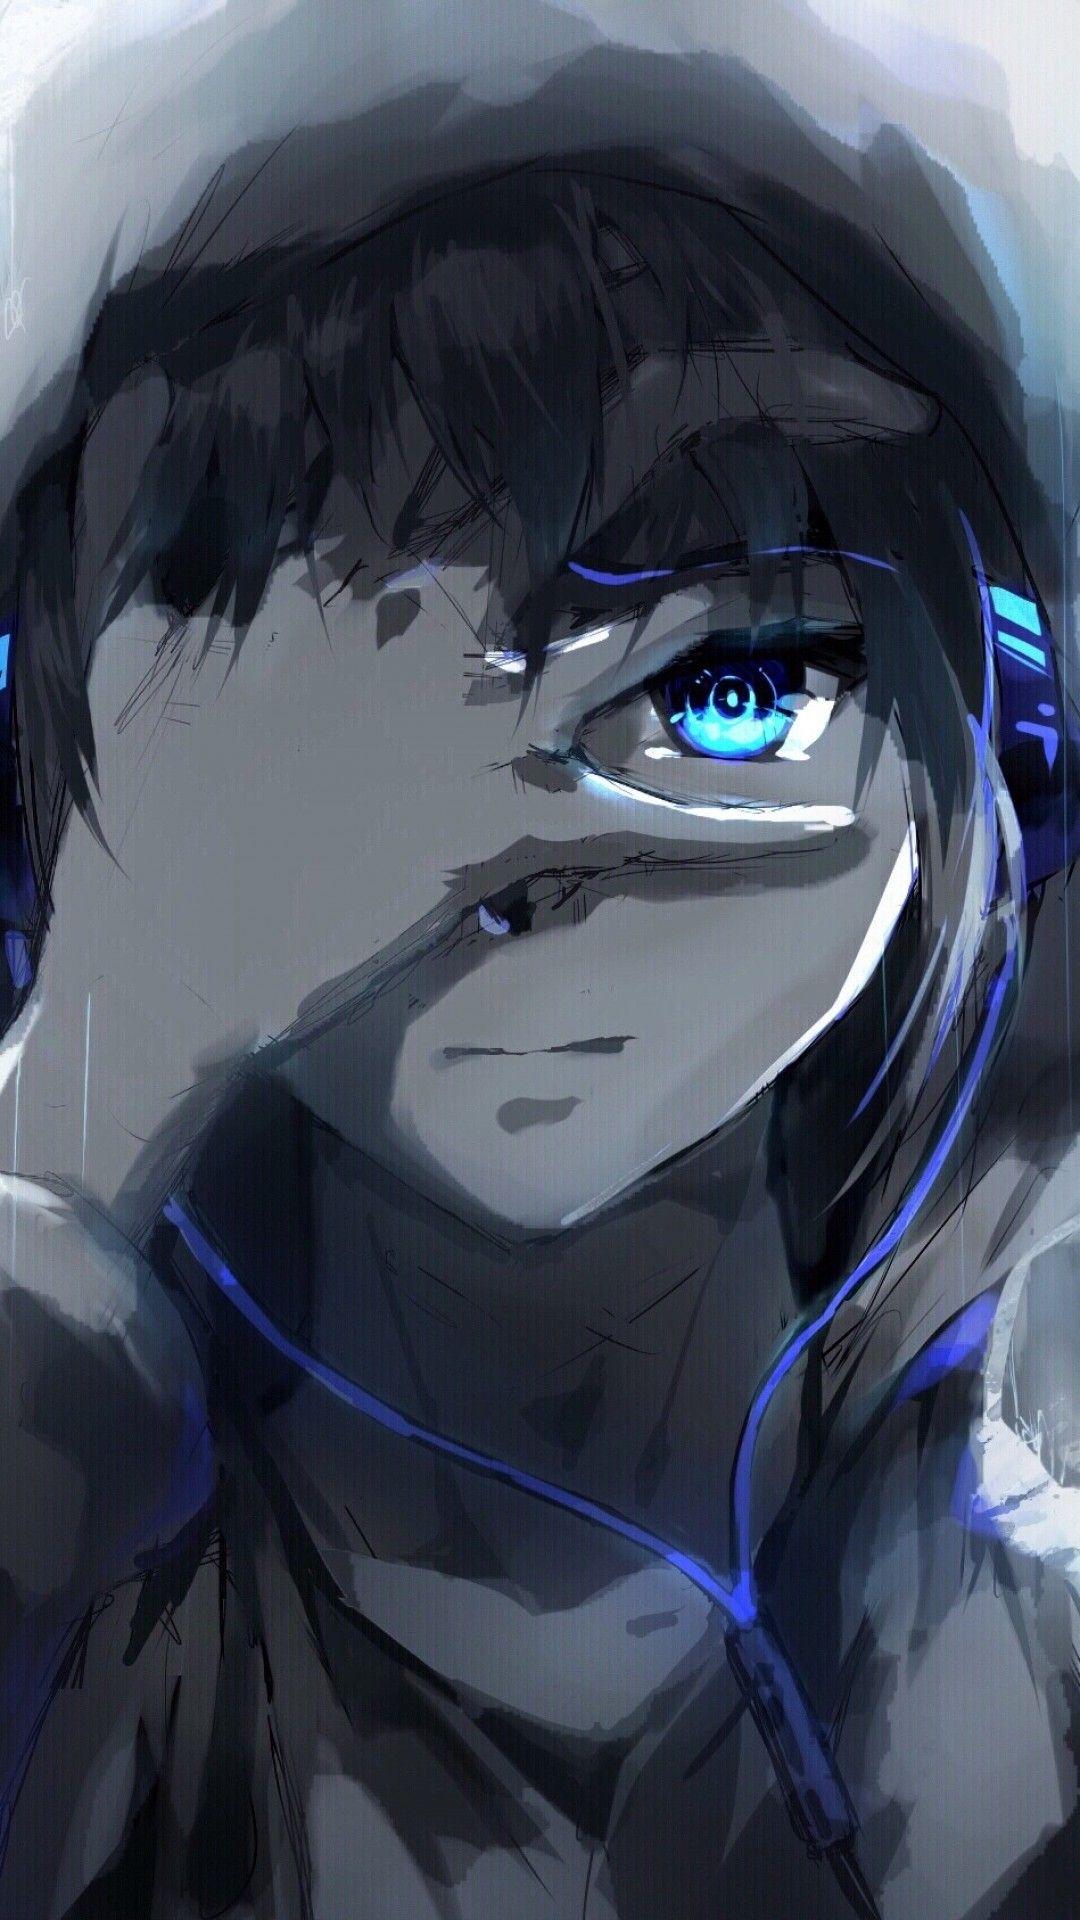 Anime Boy Hoodie Blue Eyes Headphones Painting Animasi Orang Animasi Gambar Manga